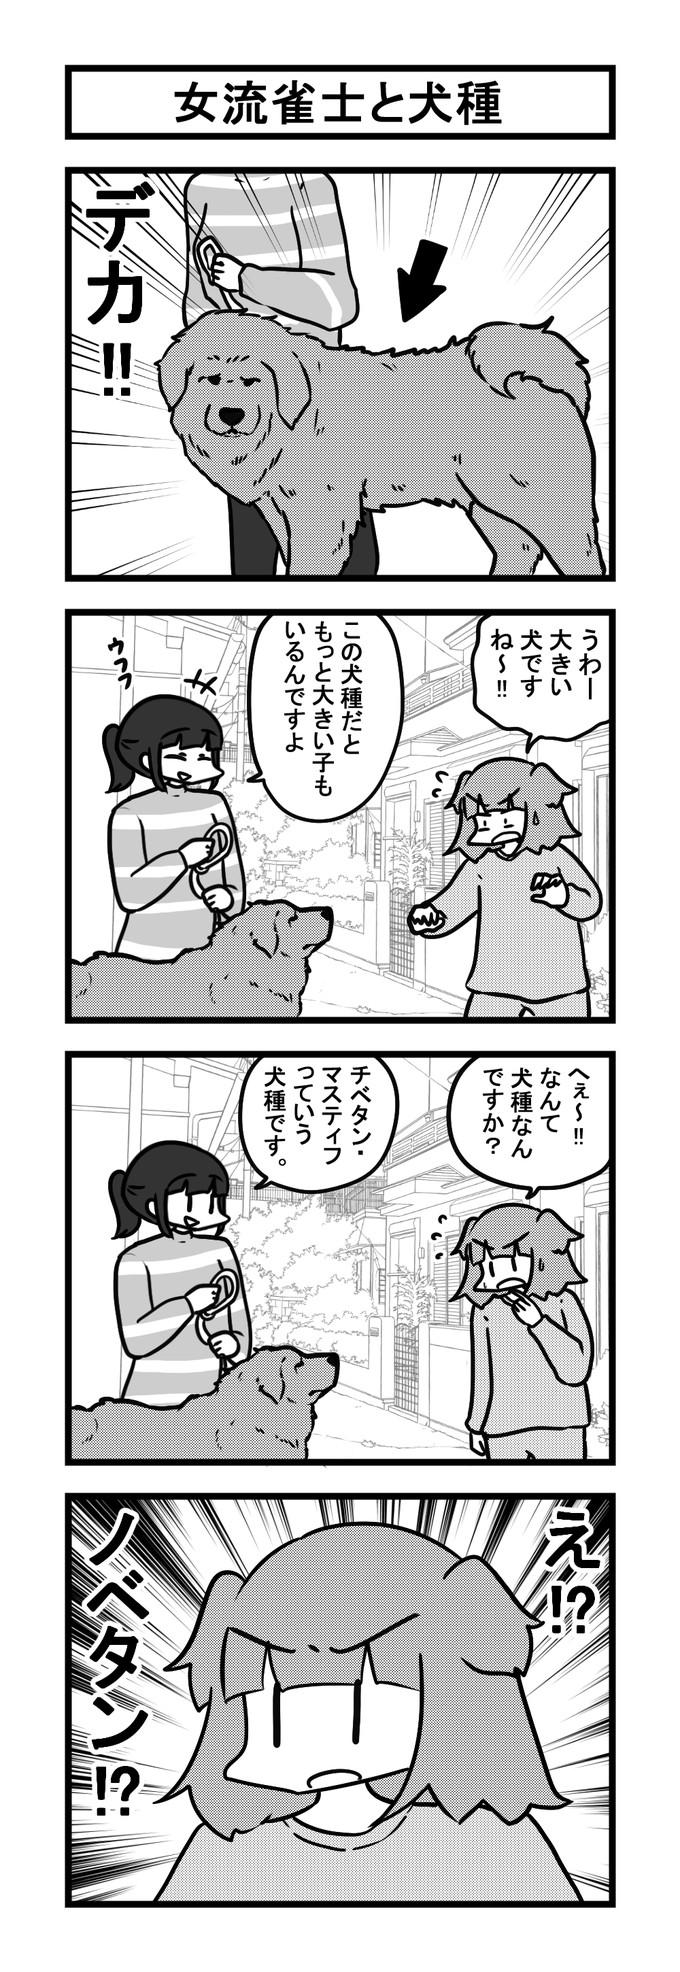 1106女流雀士と犬種-min-1